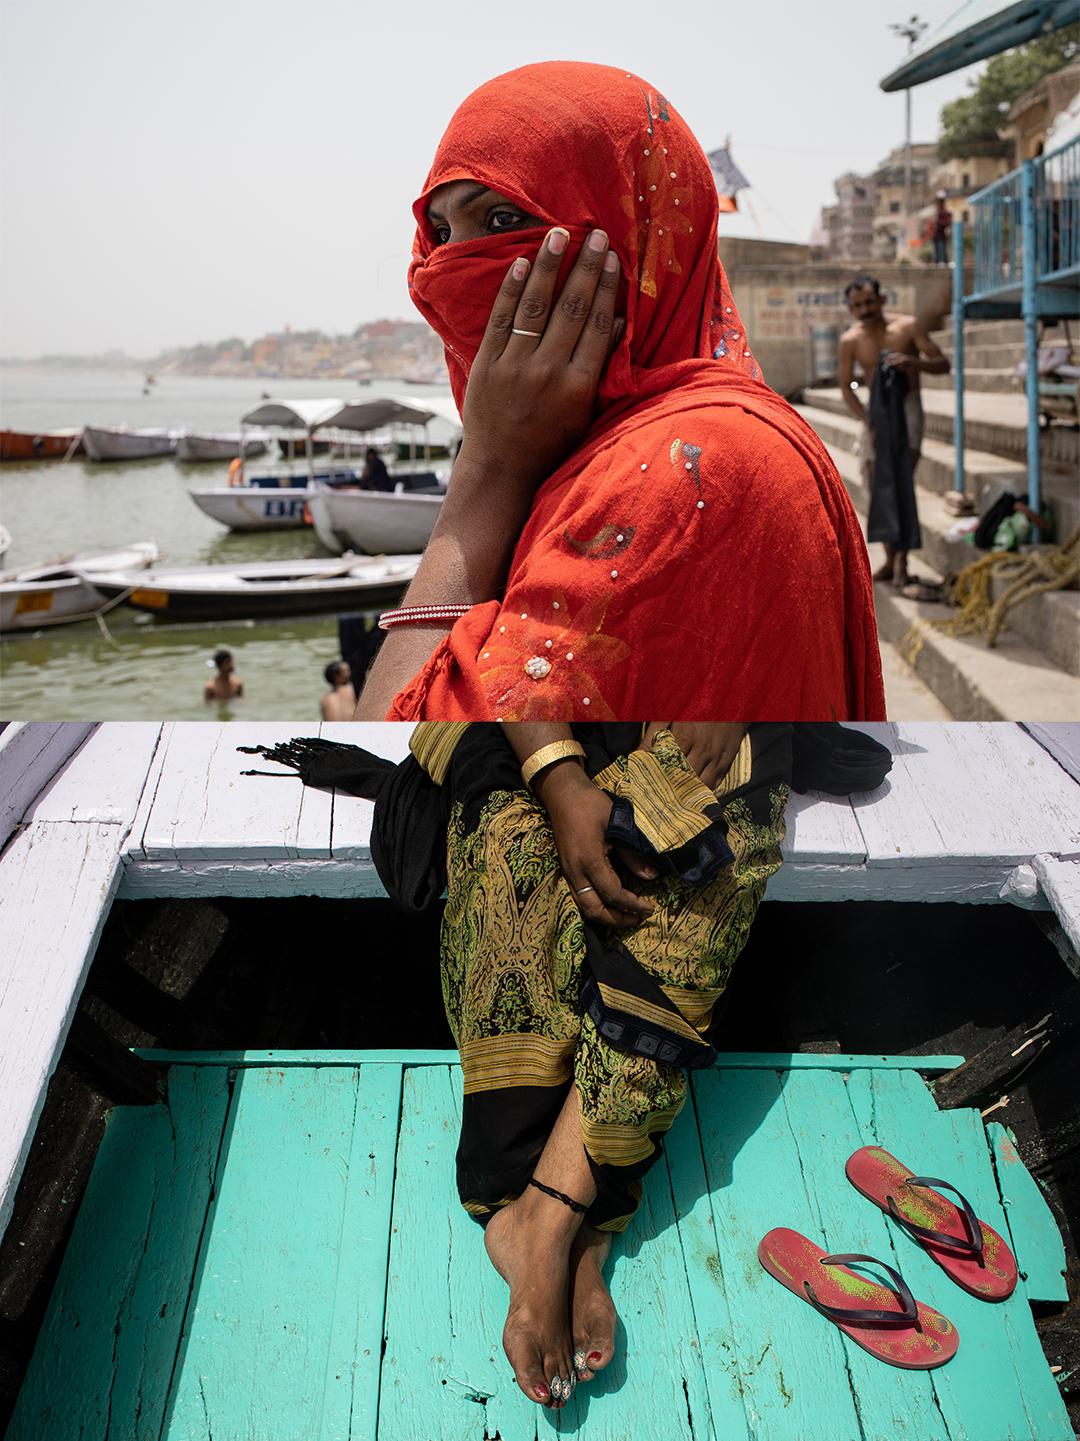 Acima, Rupaa aguarda para subir em um barco no Rio Ganges, em Varanasi. Ela esconde o rosto com um lenço sempre que circula em áreas movimentadas da cidade. Abaixo, detalhes da roupa e adereços de Muskan, típicos da cultura indiana. As Hijras usam Sari como símbolo e afirmação de sua identidade feminina.